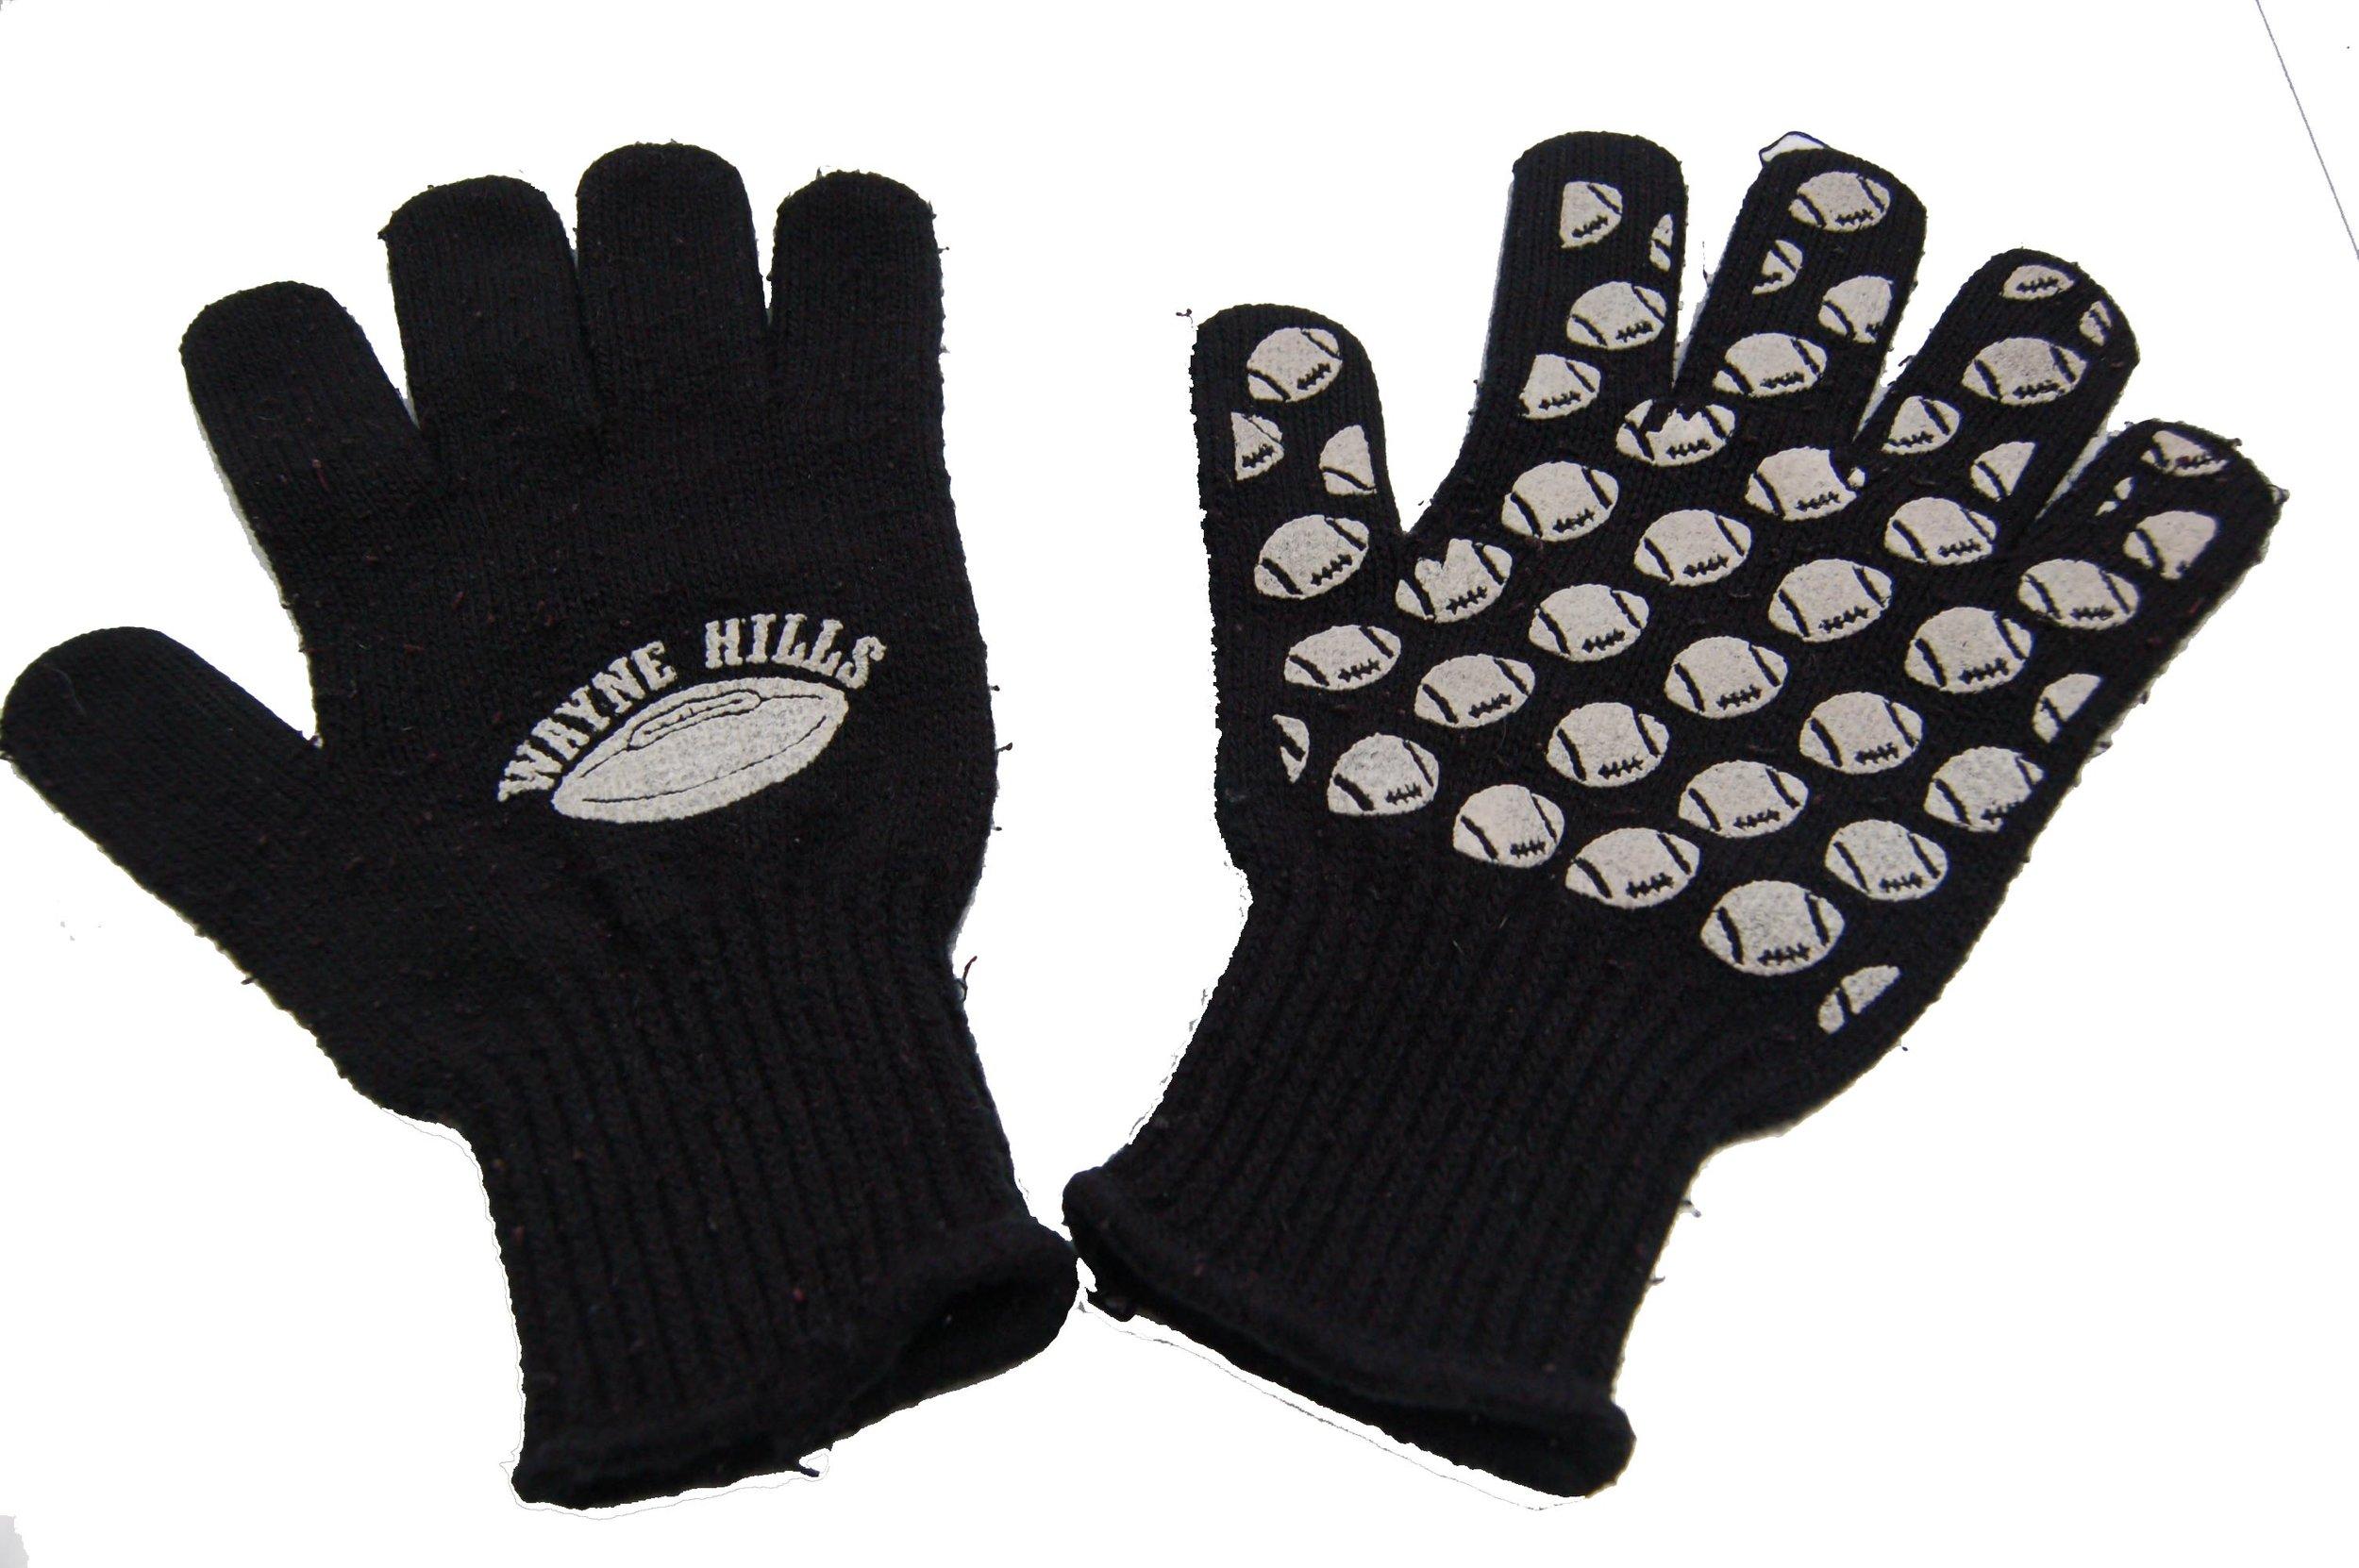 WH Football gloves.jpg